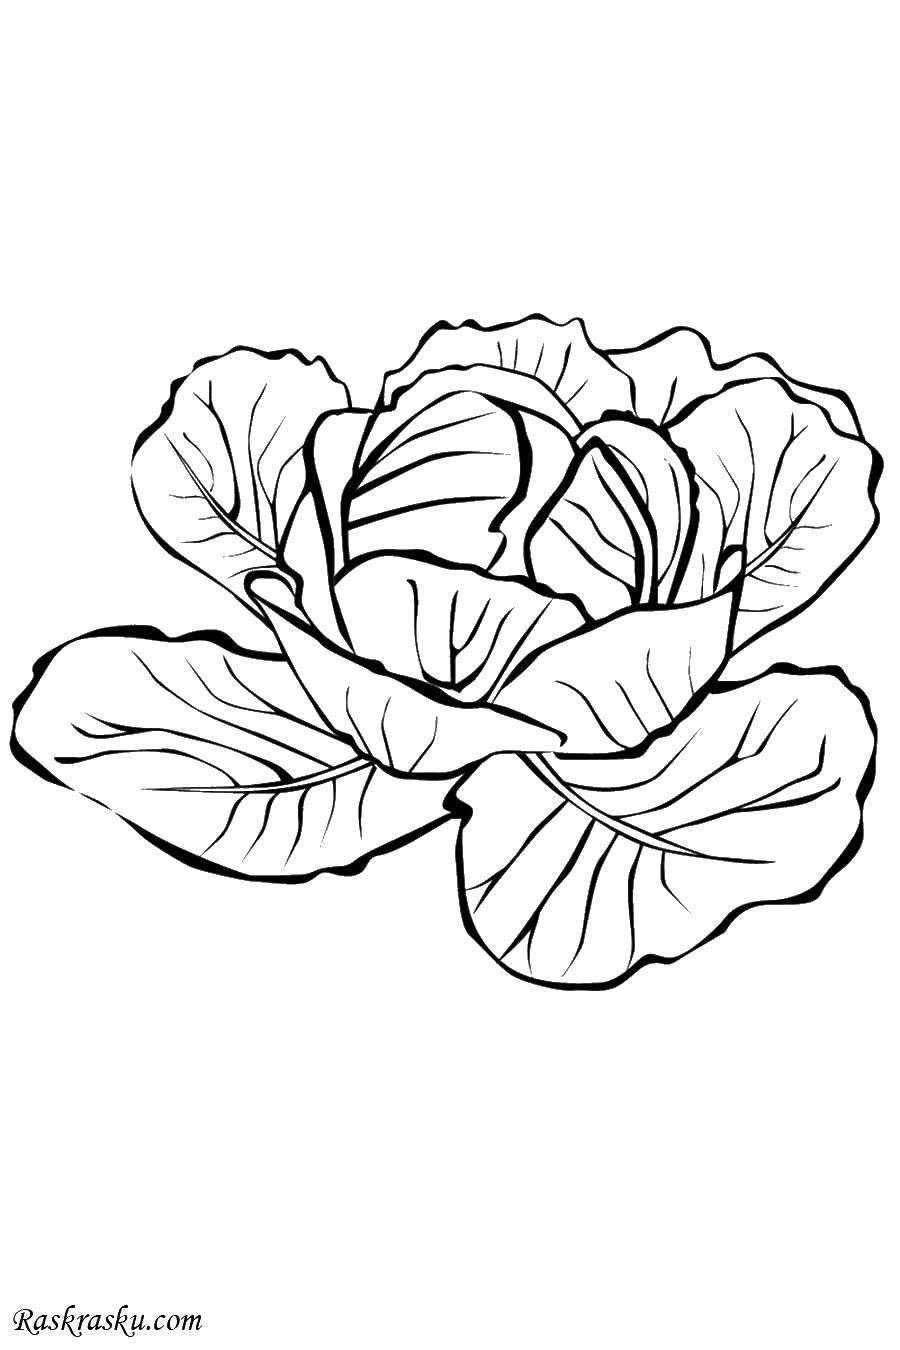 Раскраски картофель, Раскраска Картофель Овощи.